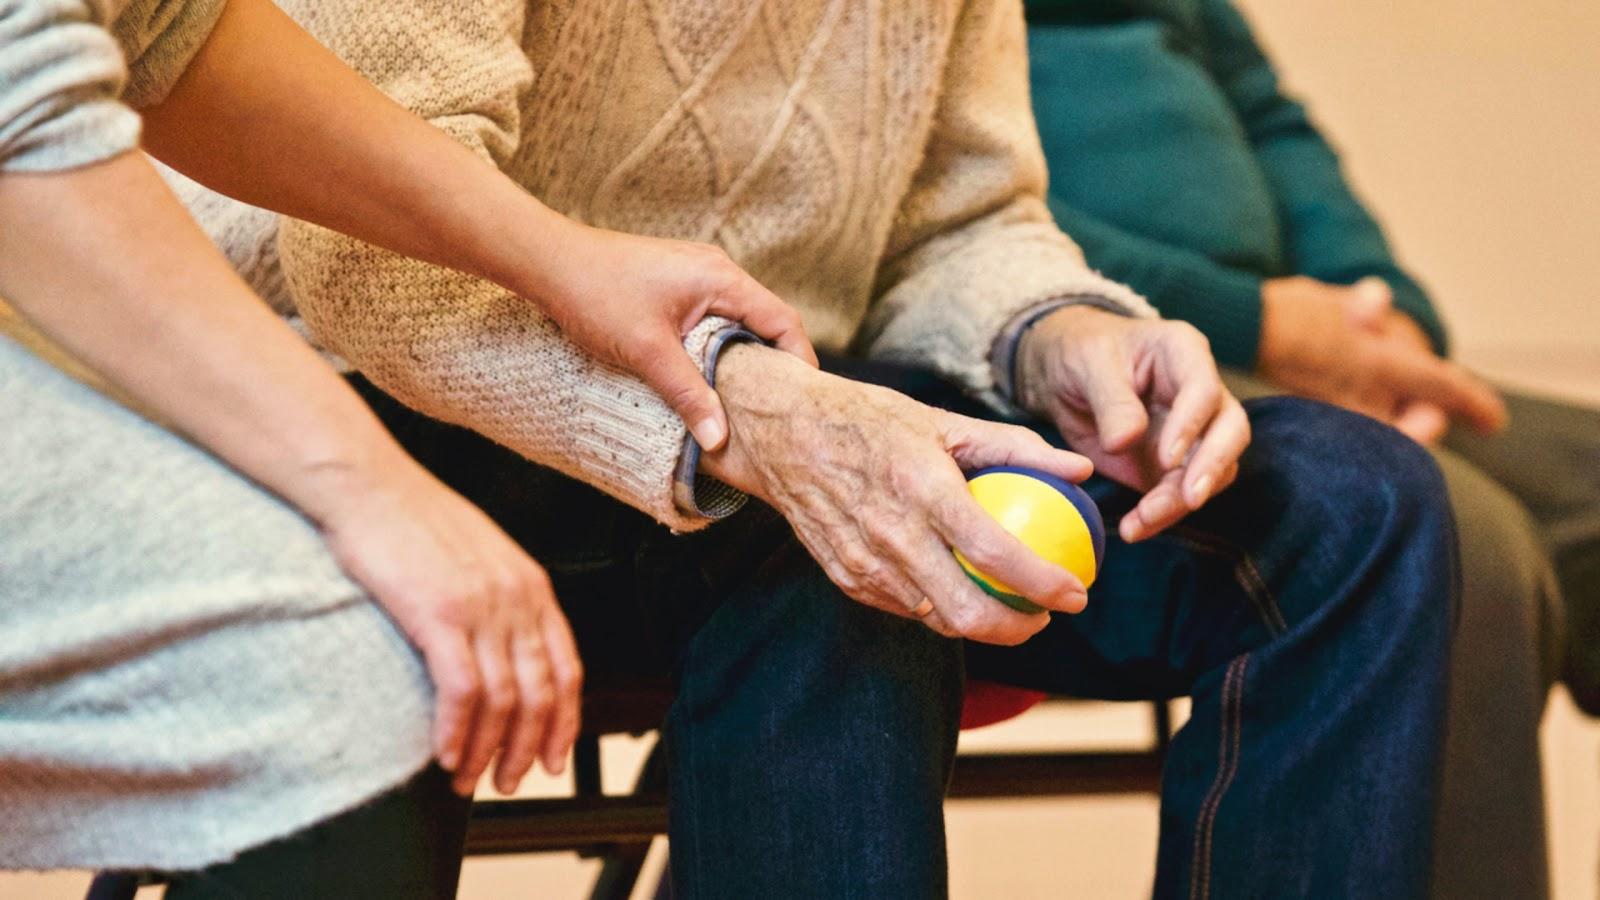 Os cuidados paliativos precisam de mais estima por parte das equipes médicas e, principalmente, da população (Fonte: Matthias Zomer, Pexels).